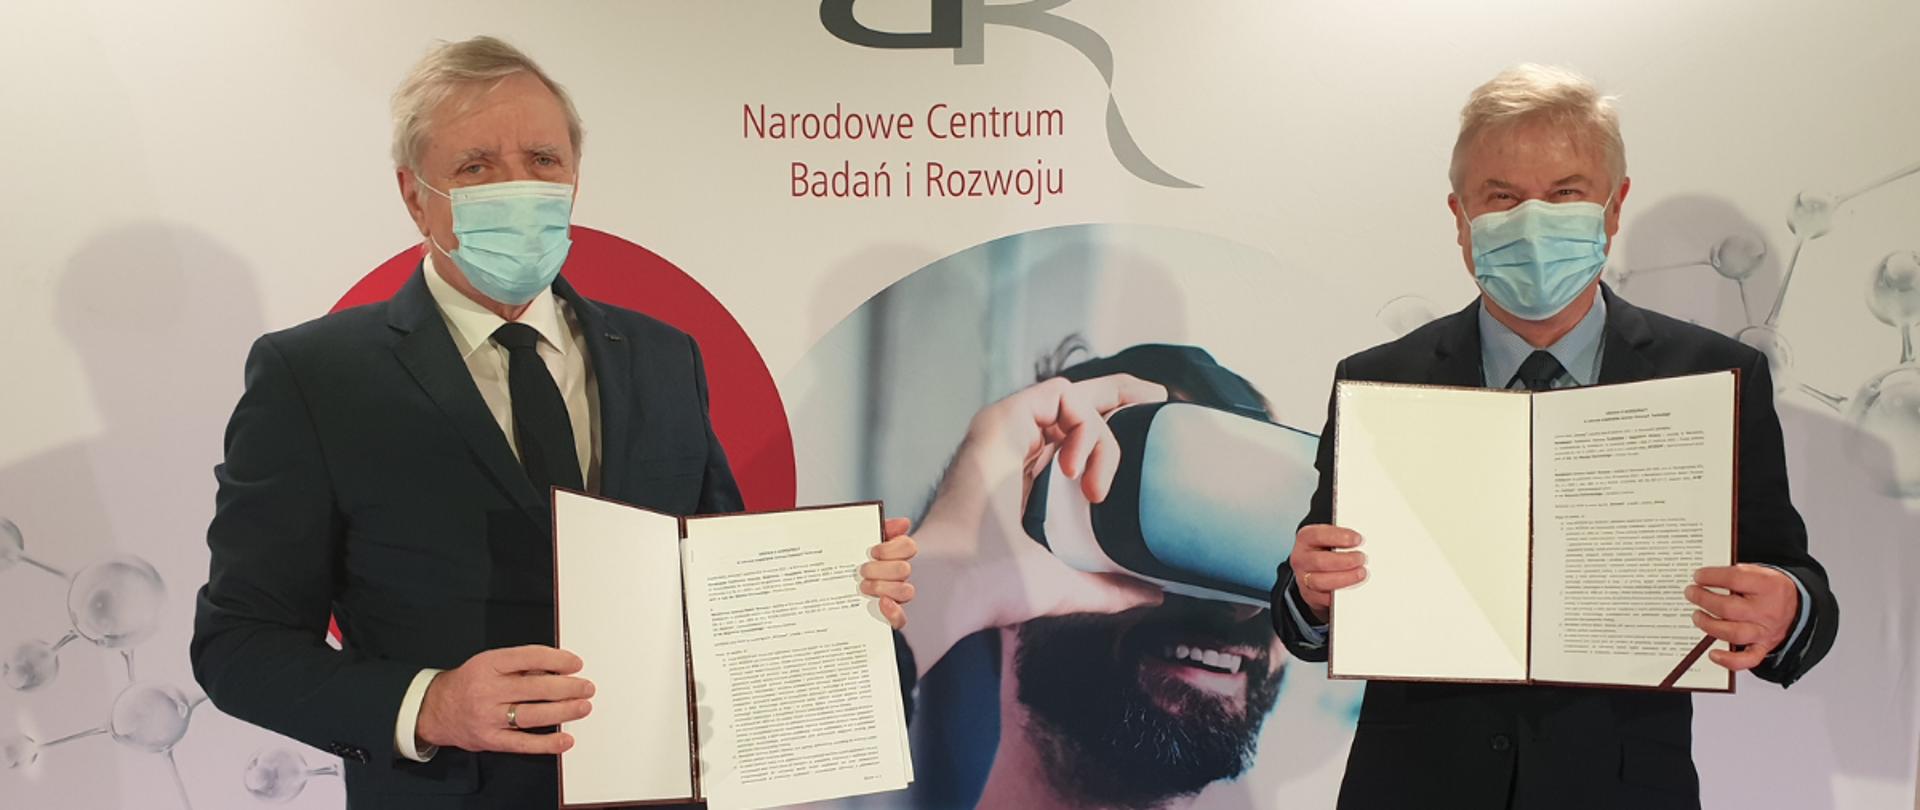 Na zdjęciu od lewej Wojciech Kamieniecki, dyrektor Narodowego Centrum Badań i Rozwoju i Maciej Chorowski, prezes Narodowego Funduszu Ochrony Środowiska i Gospodarki Wodnej prezentują podpisane umowy